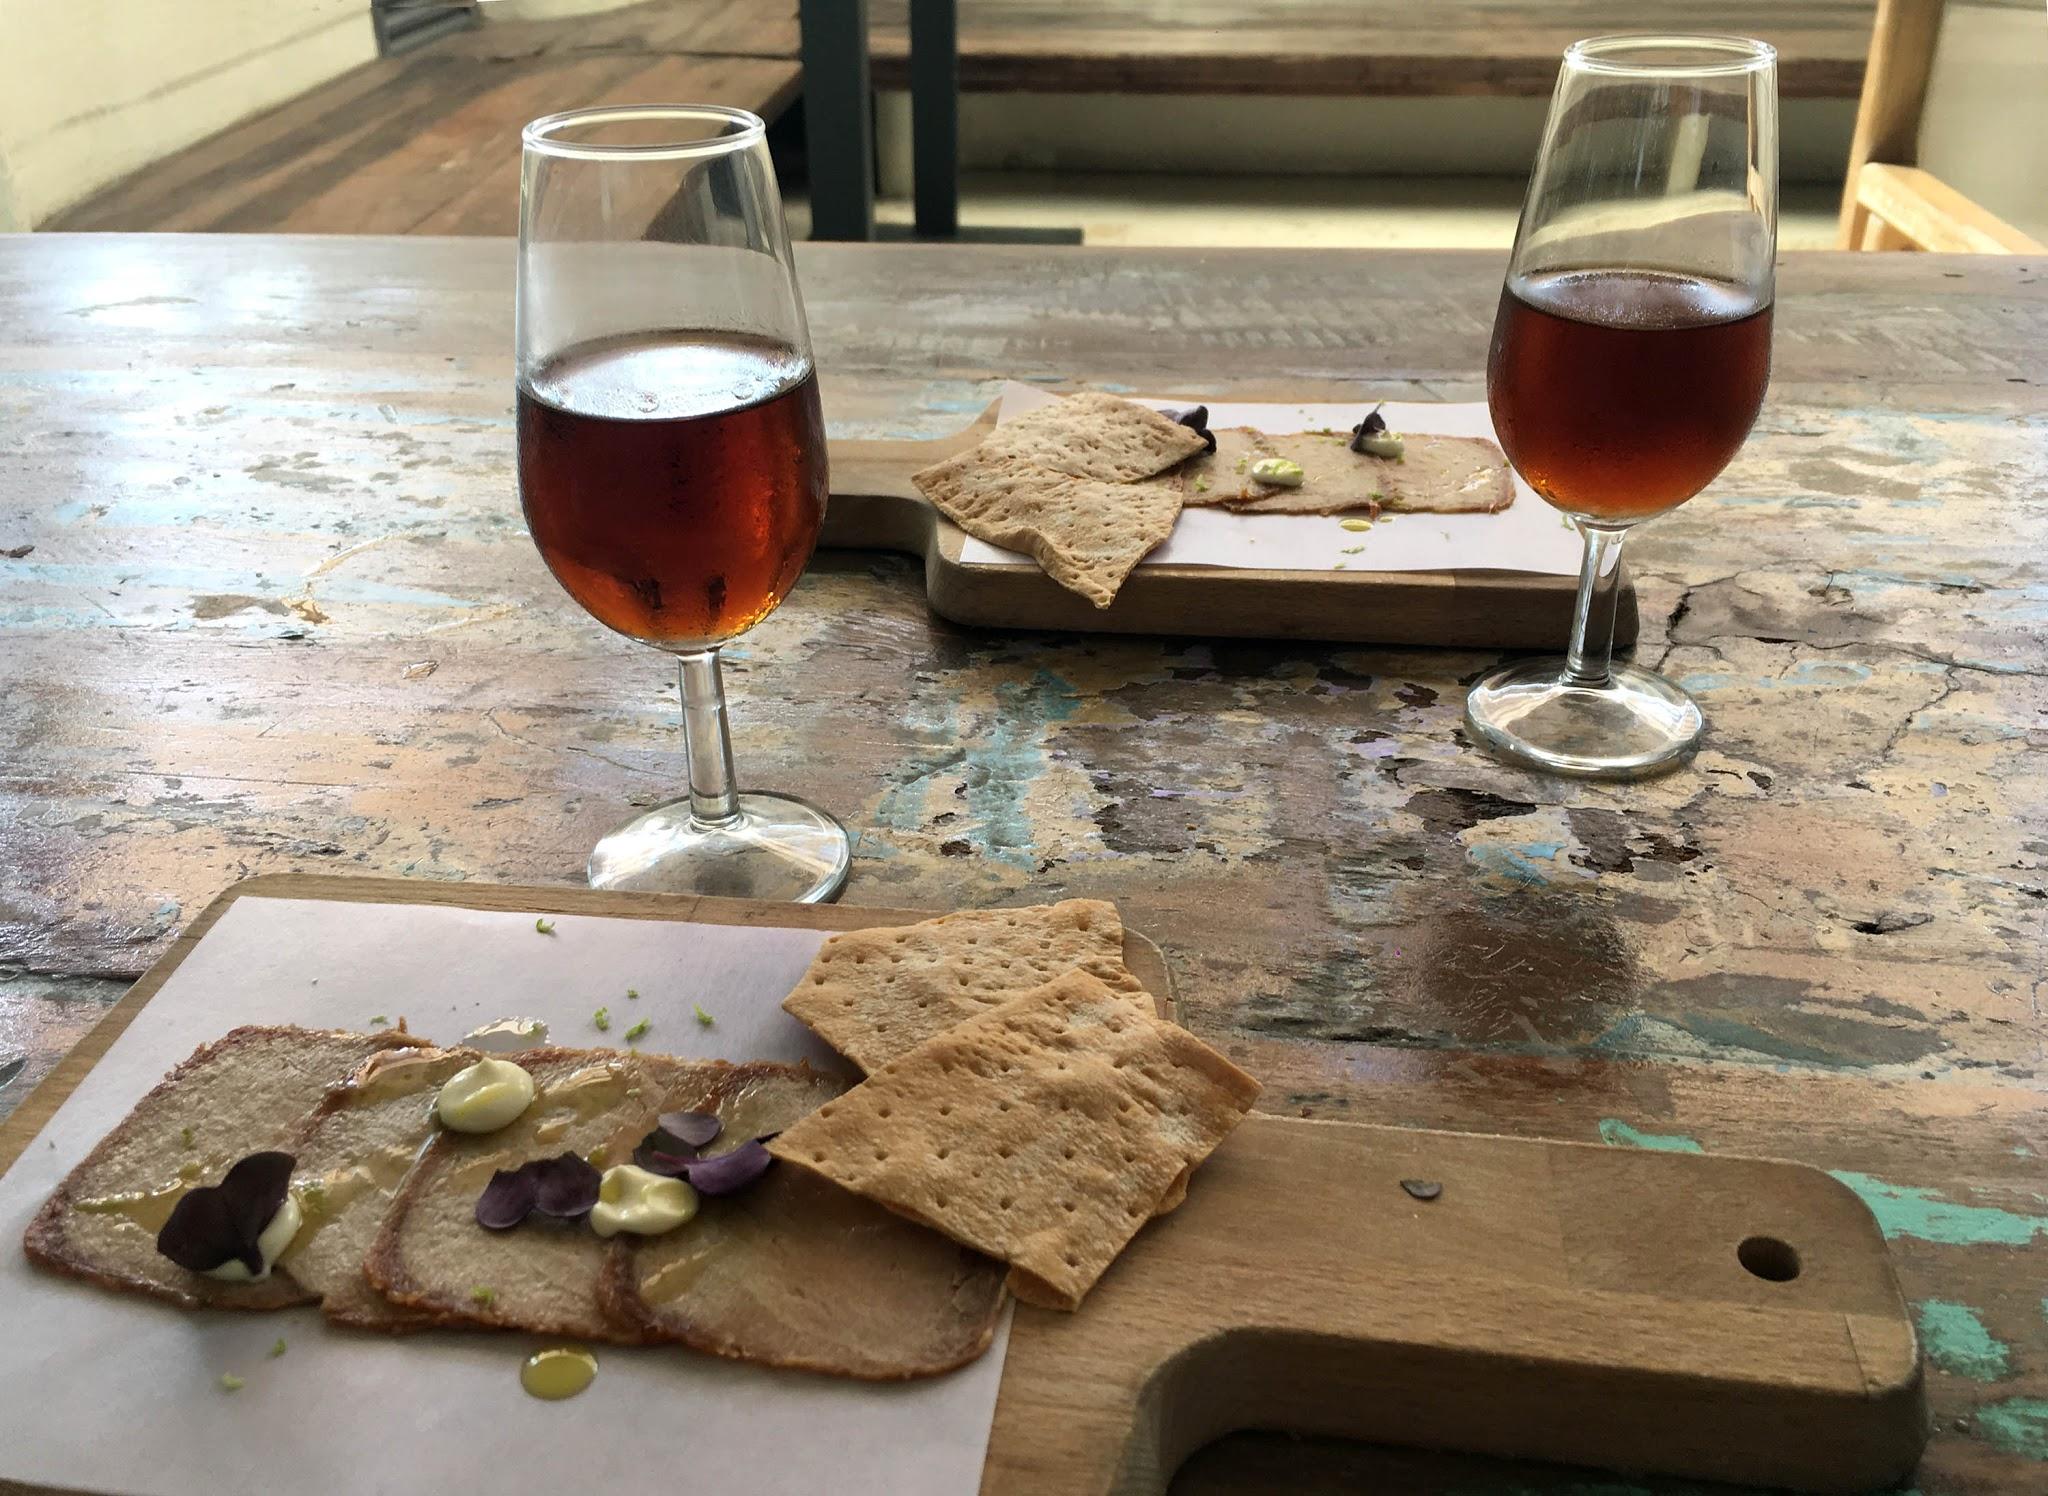 chicharrones atun arsenio manila cadiz vinos jerez palo cortado